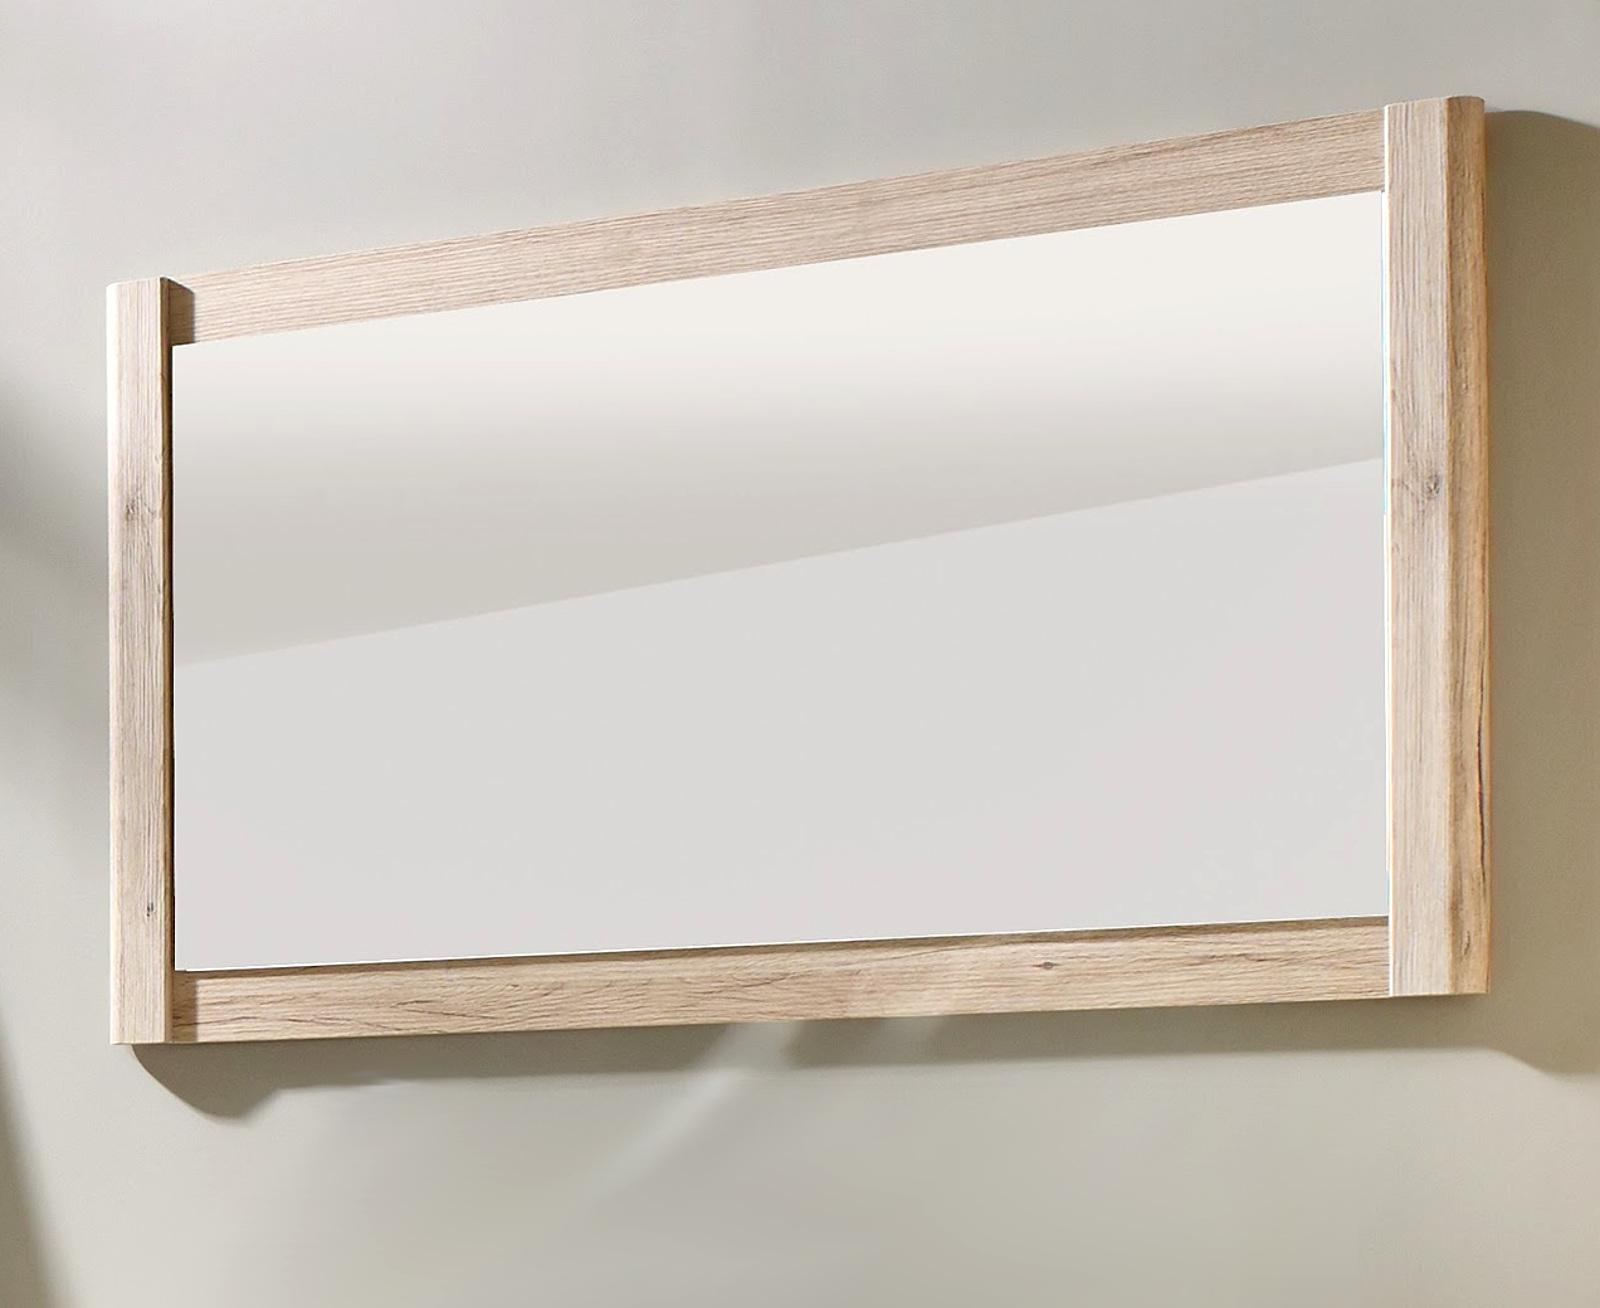 Spiegel Bestellen 7 : Badmöbel spiegel seven eiche sanremo hell